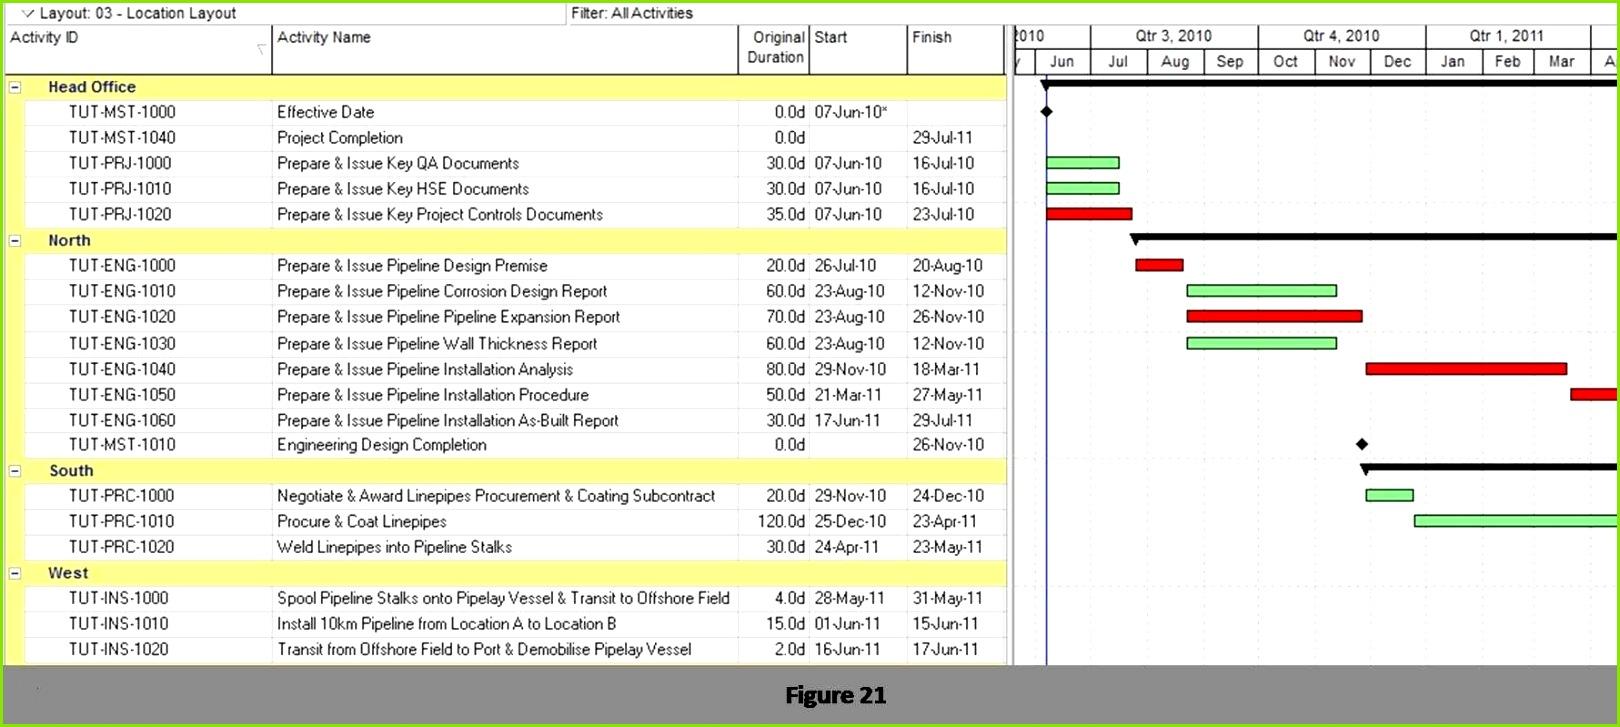 29 Arbeitsplan Vorlage Kostenlos Download Abram Vorlage Site mit Recent Arbeitsplan Vorlage Excel